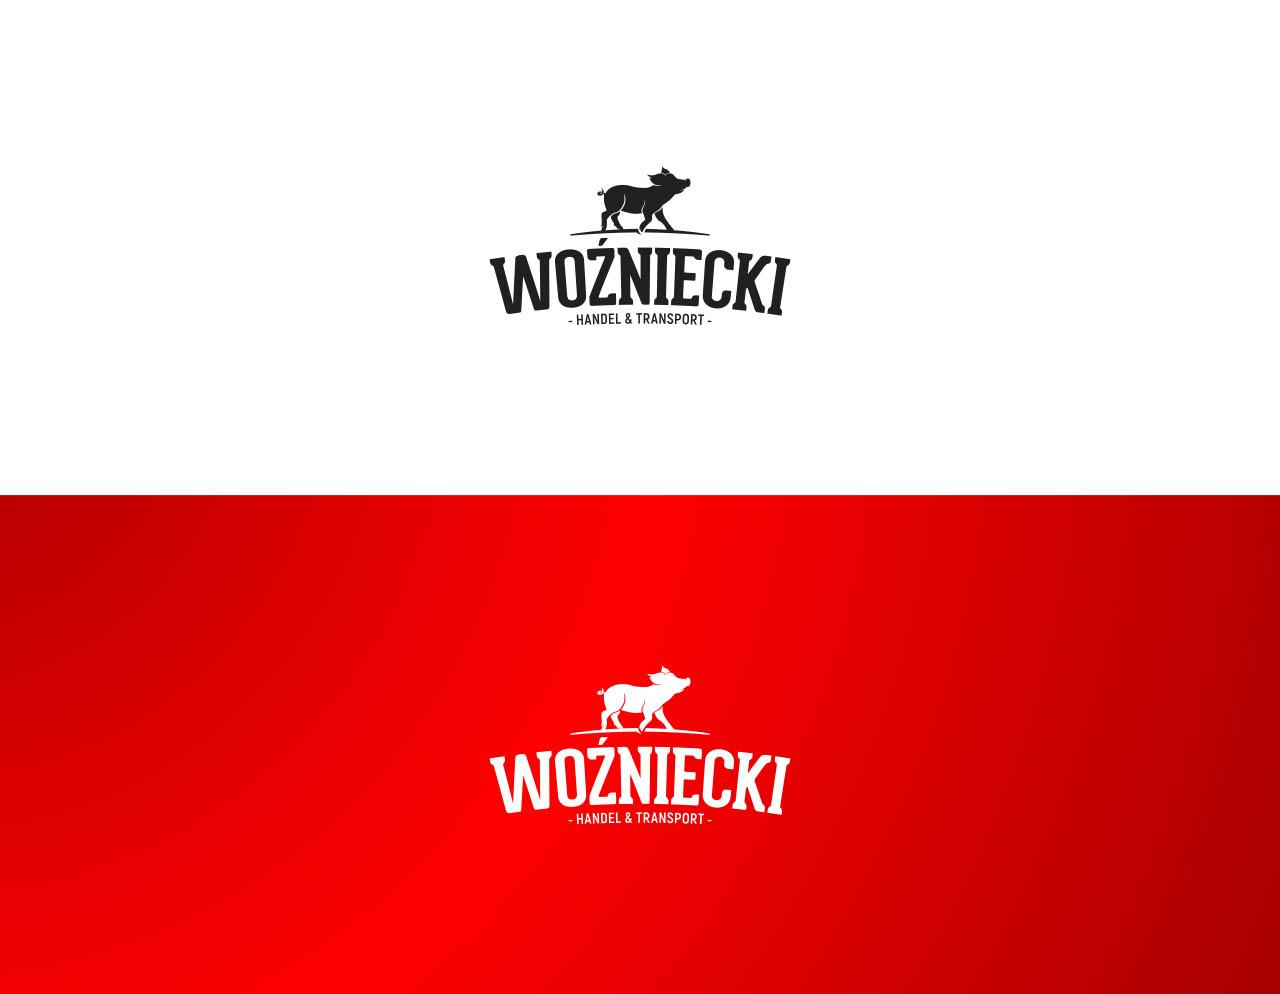 Logo firmowe Woźniecki w różnych wersjach kolorystycznych